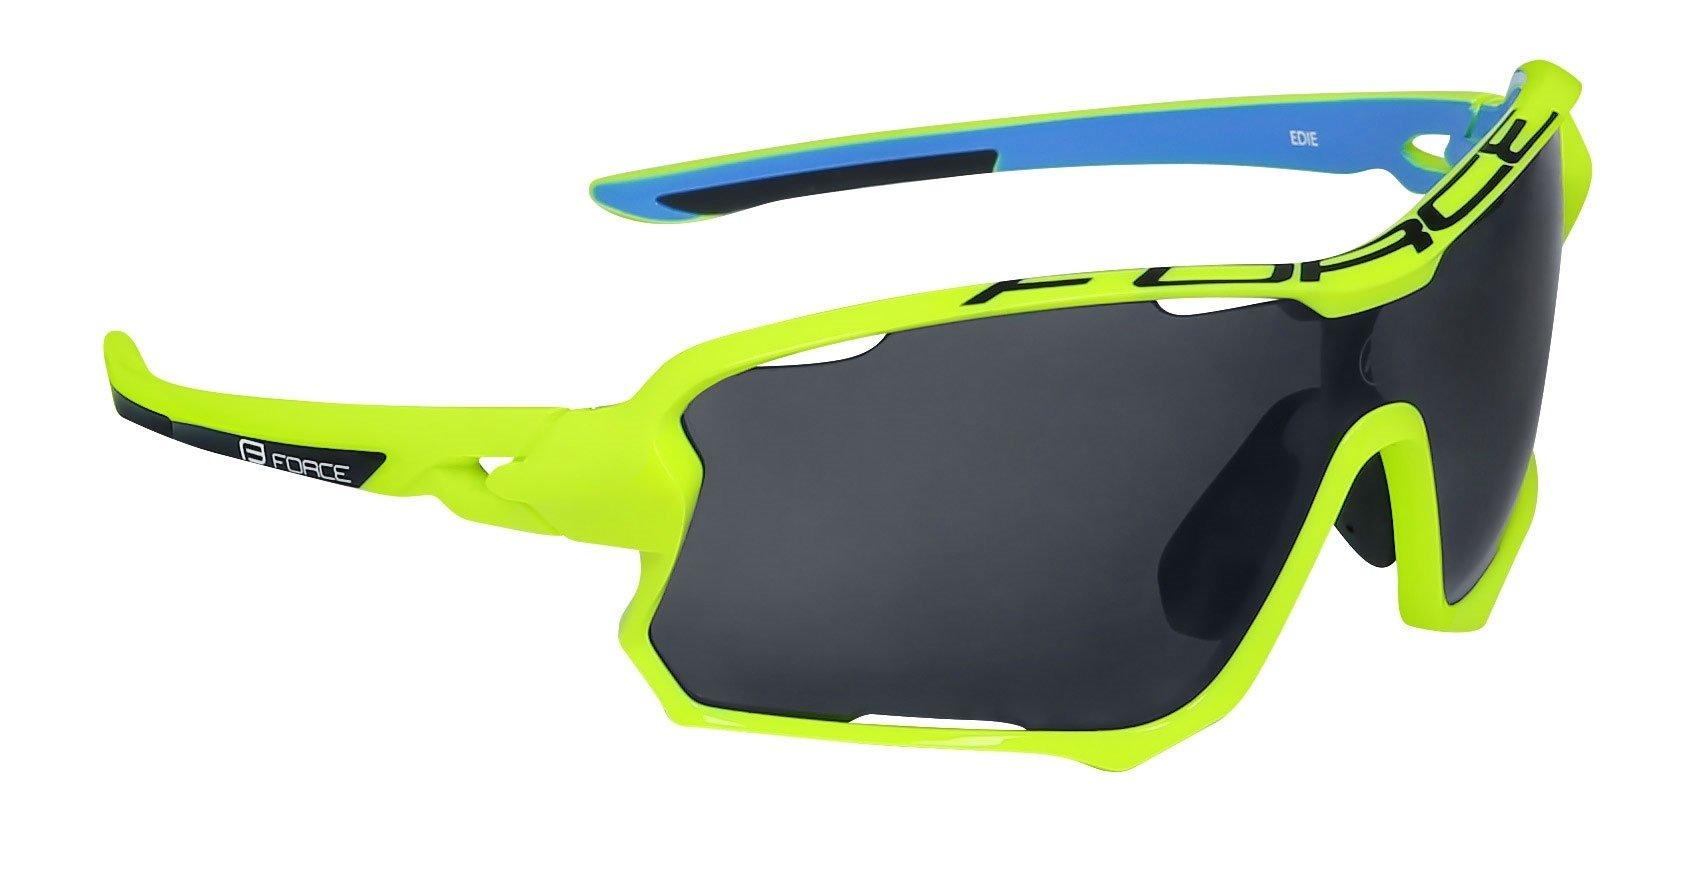 Force Edie Cykelbriller med 3 sæt linser Flou/blå | Glasses